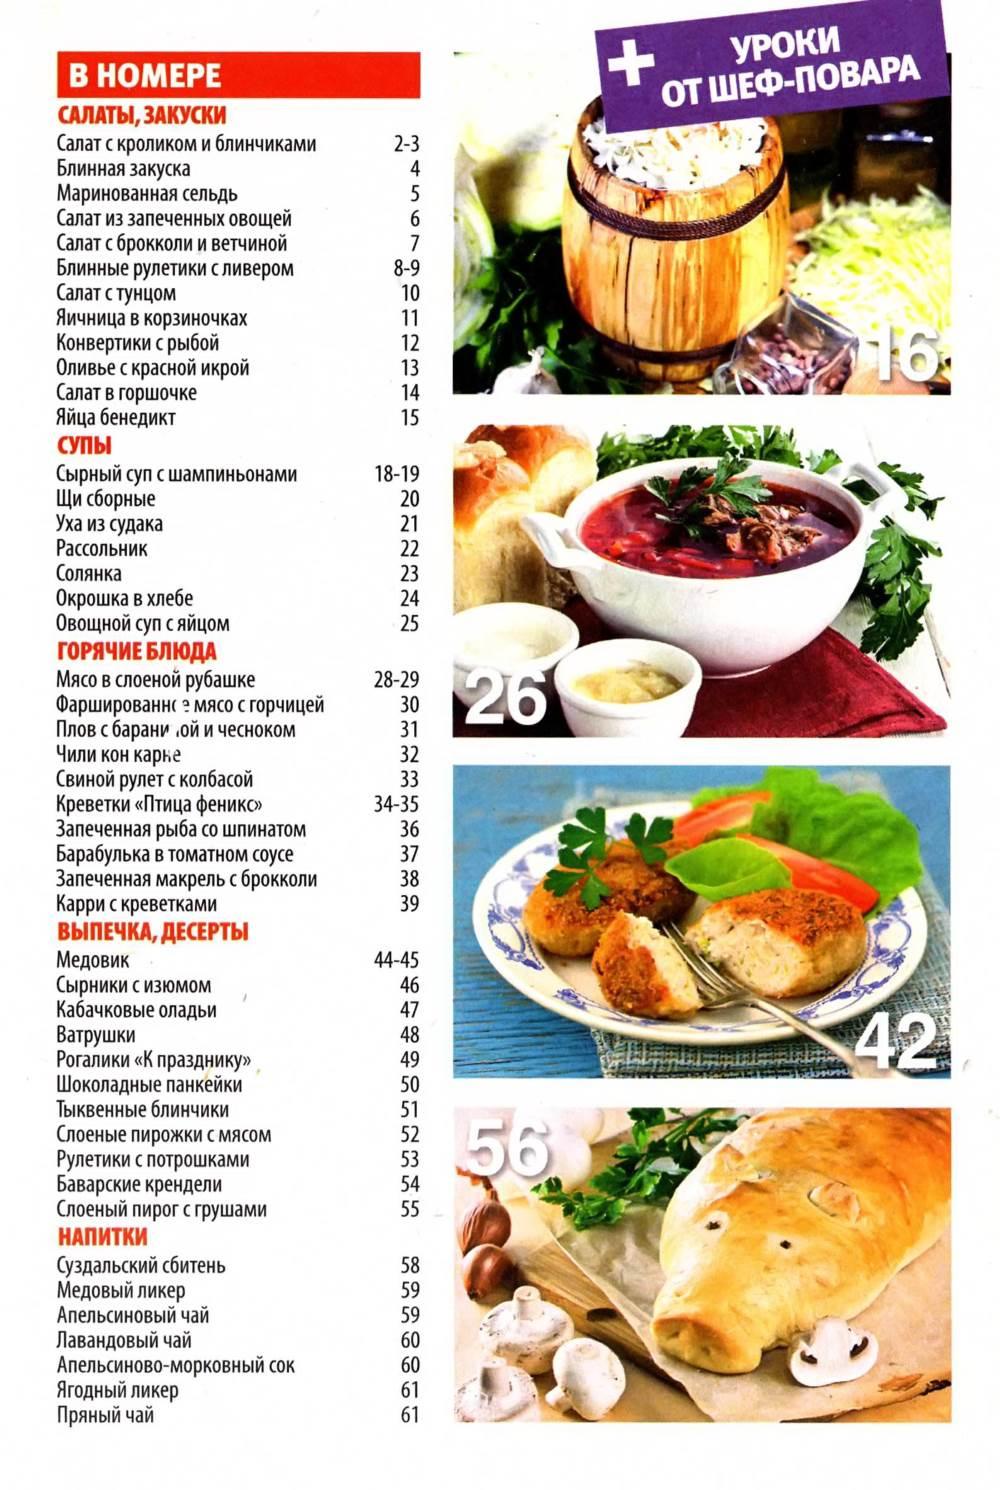 SHkola kulinara    4 2014 goda sod Любимый кулинарно информационный журнал «Школа кулинара №4 2014 года»